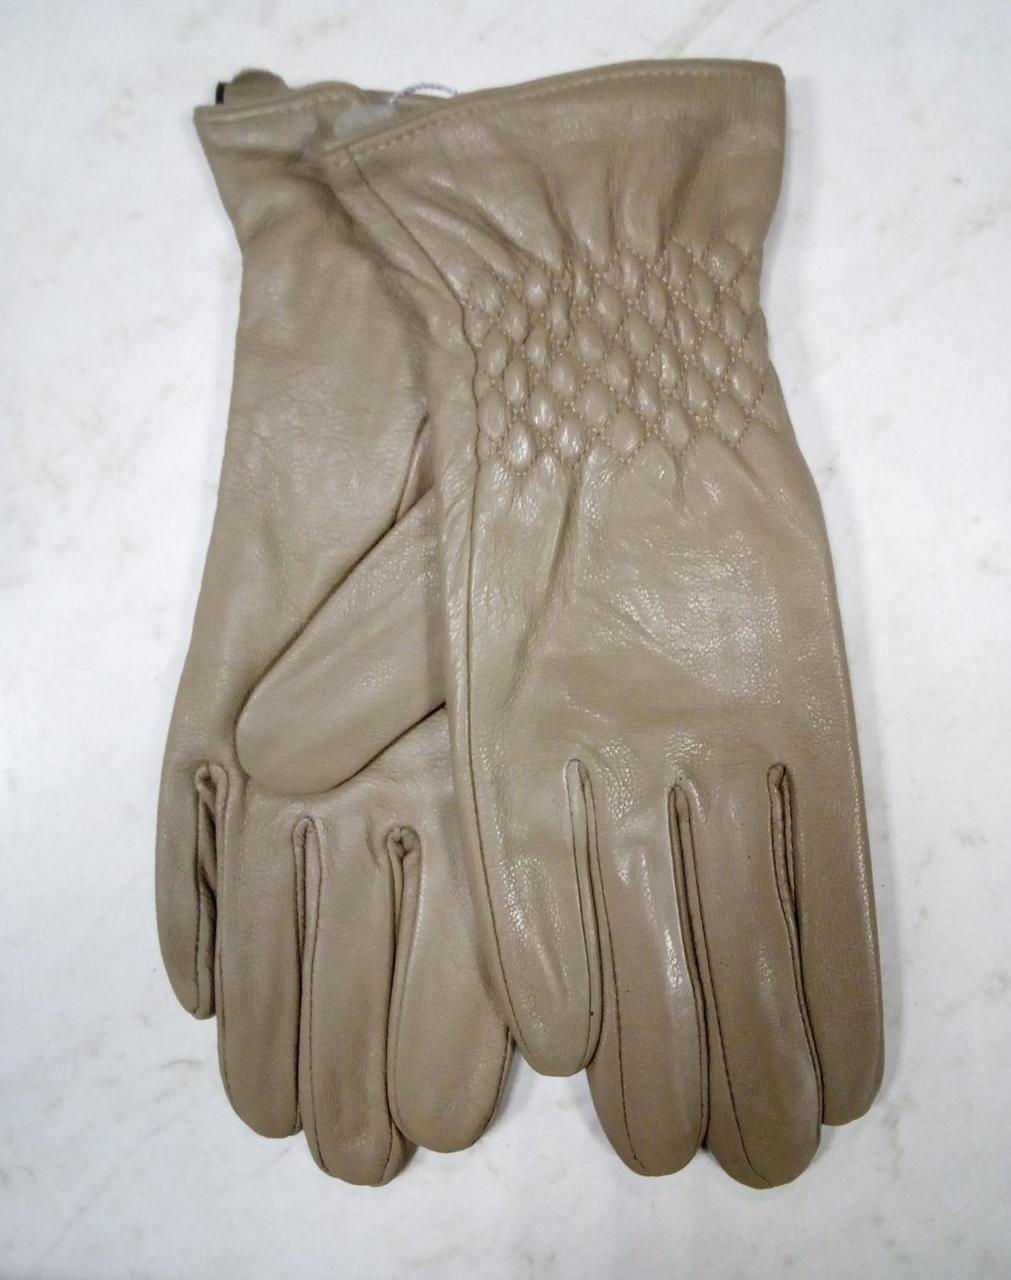 Женские  перчатки из натуральной мягкой кожи цвет бежевый  7.5 -8